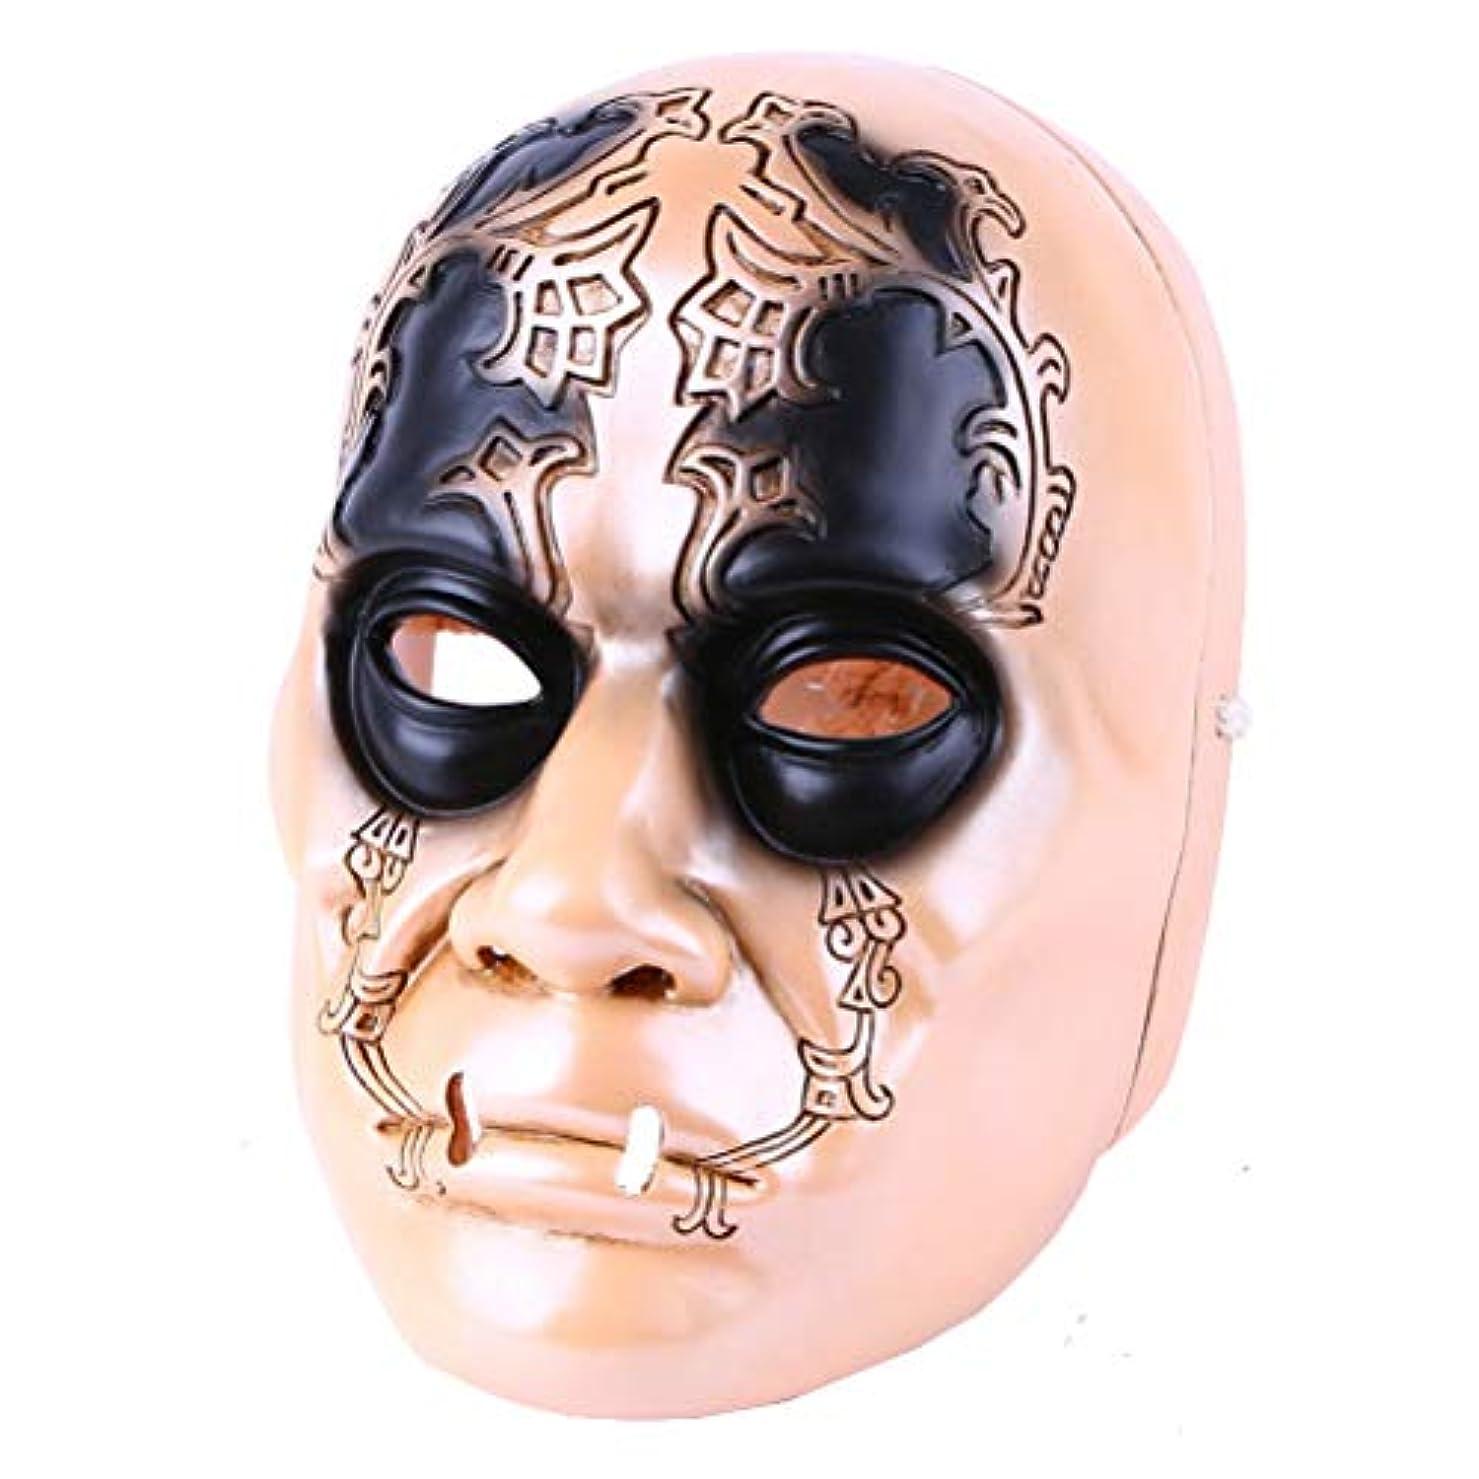 宿命批判する衝突するハロウィーンマスクテロ悪魔マスクハリーポッターの映画のテーマデスイーターマスクモデルの小道具